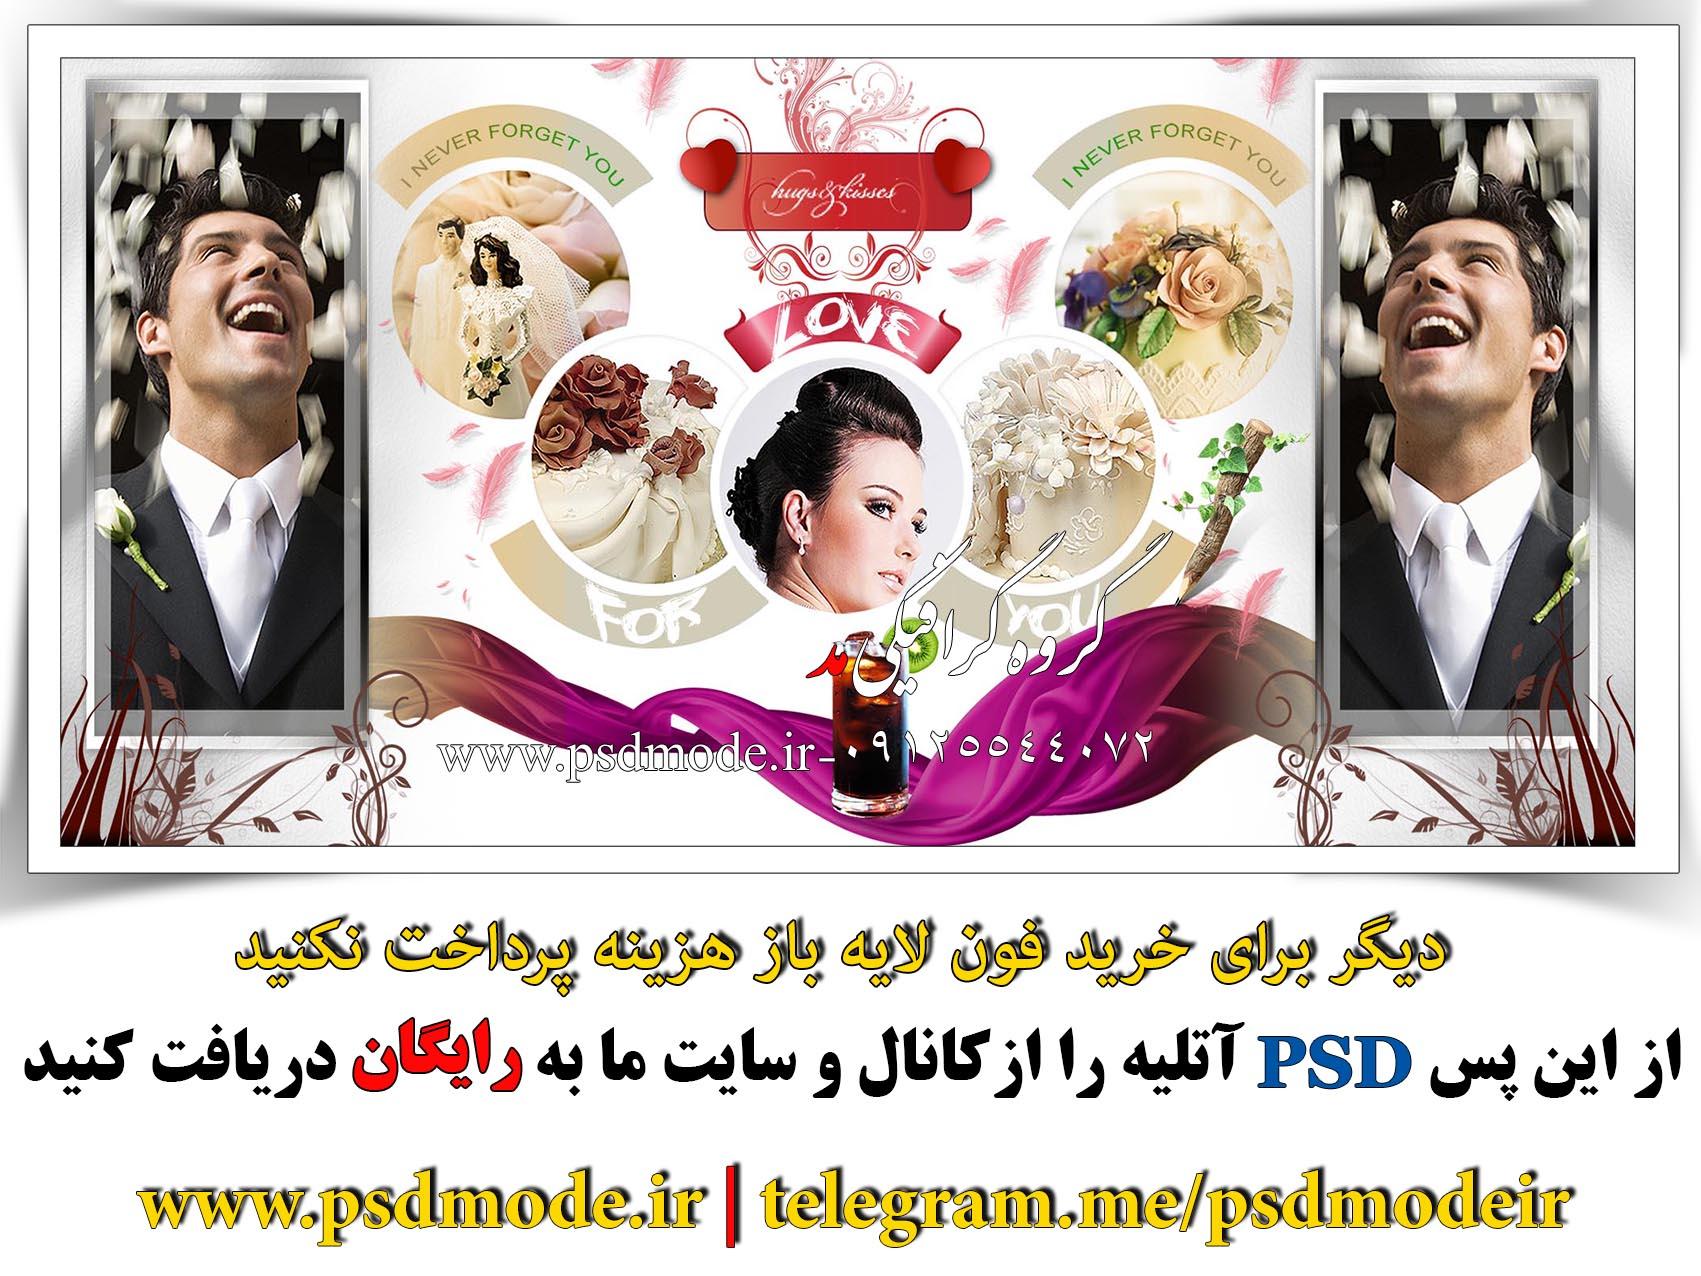 دانلود رایگان فون آلبوم دیجیتال عروس و داماد ،گروه گرافیکی مد ، پی اس دی آتلیه